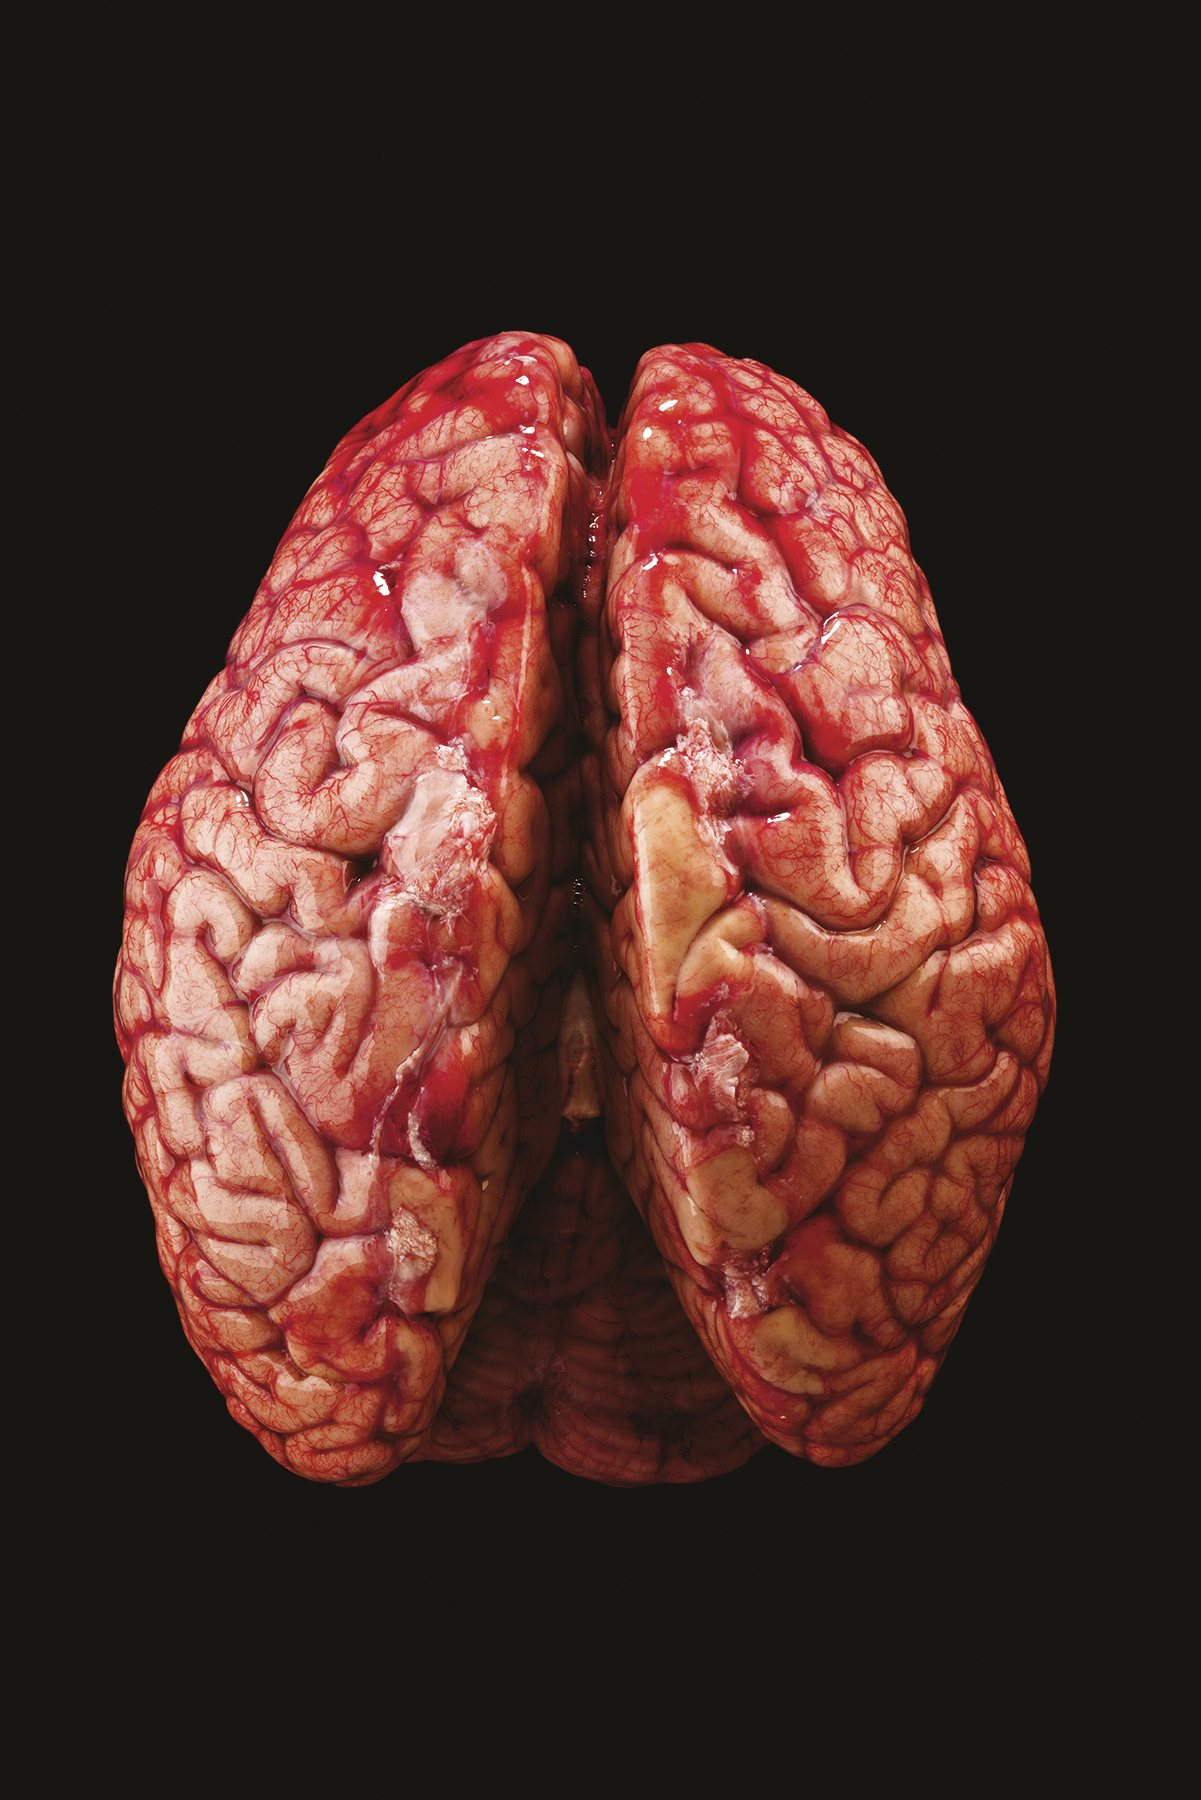 Preparación de un cerebro humano a cargo del Instituto Allen para la Ciencia del Cerebro